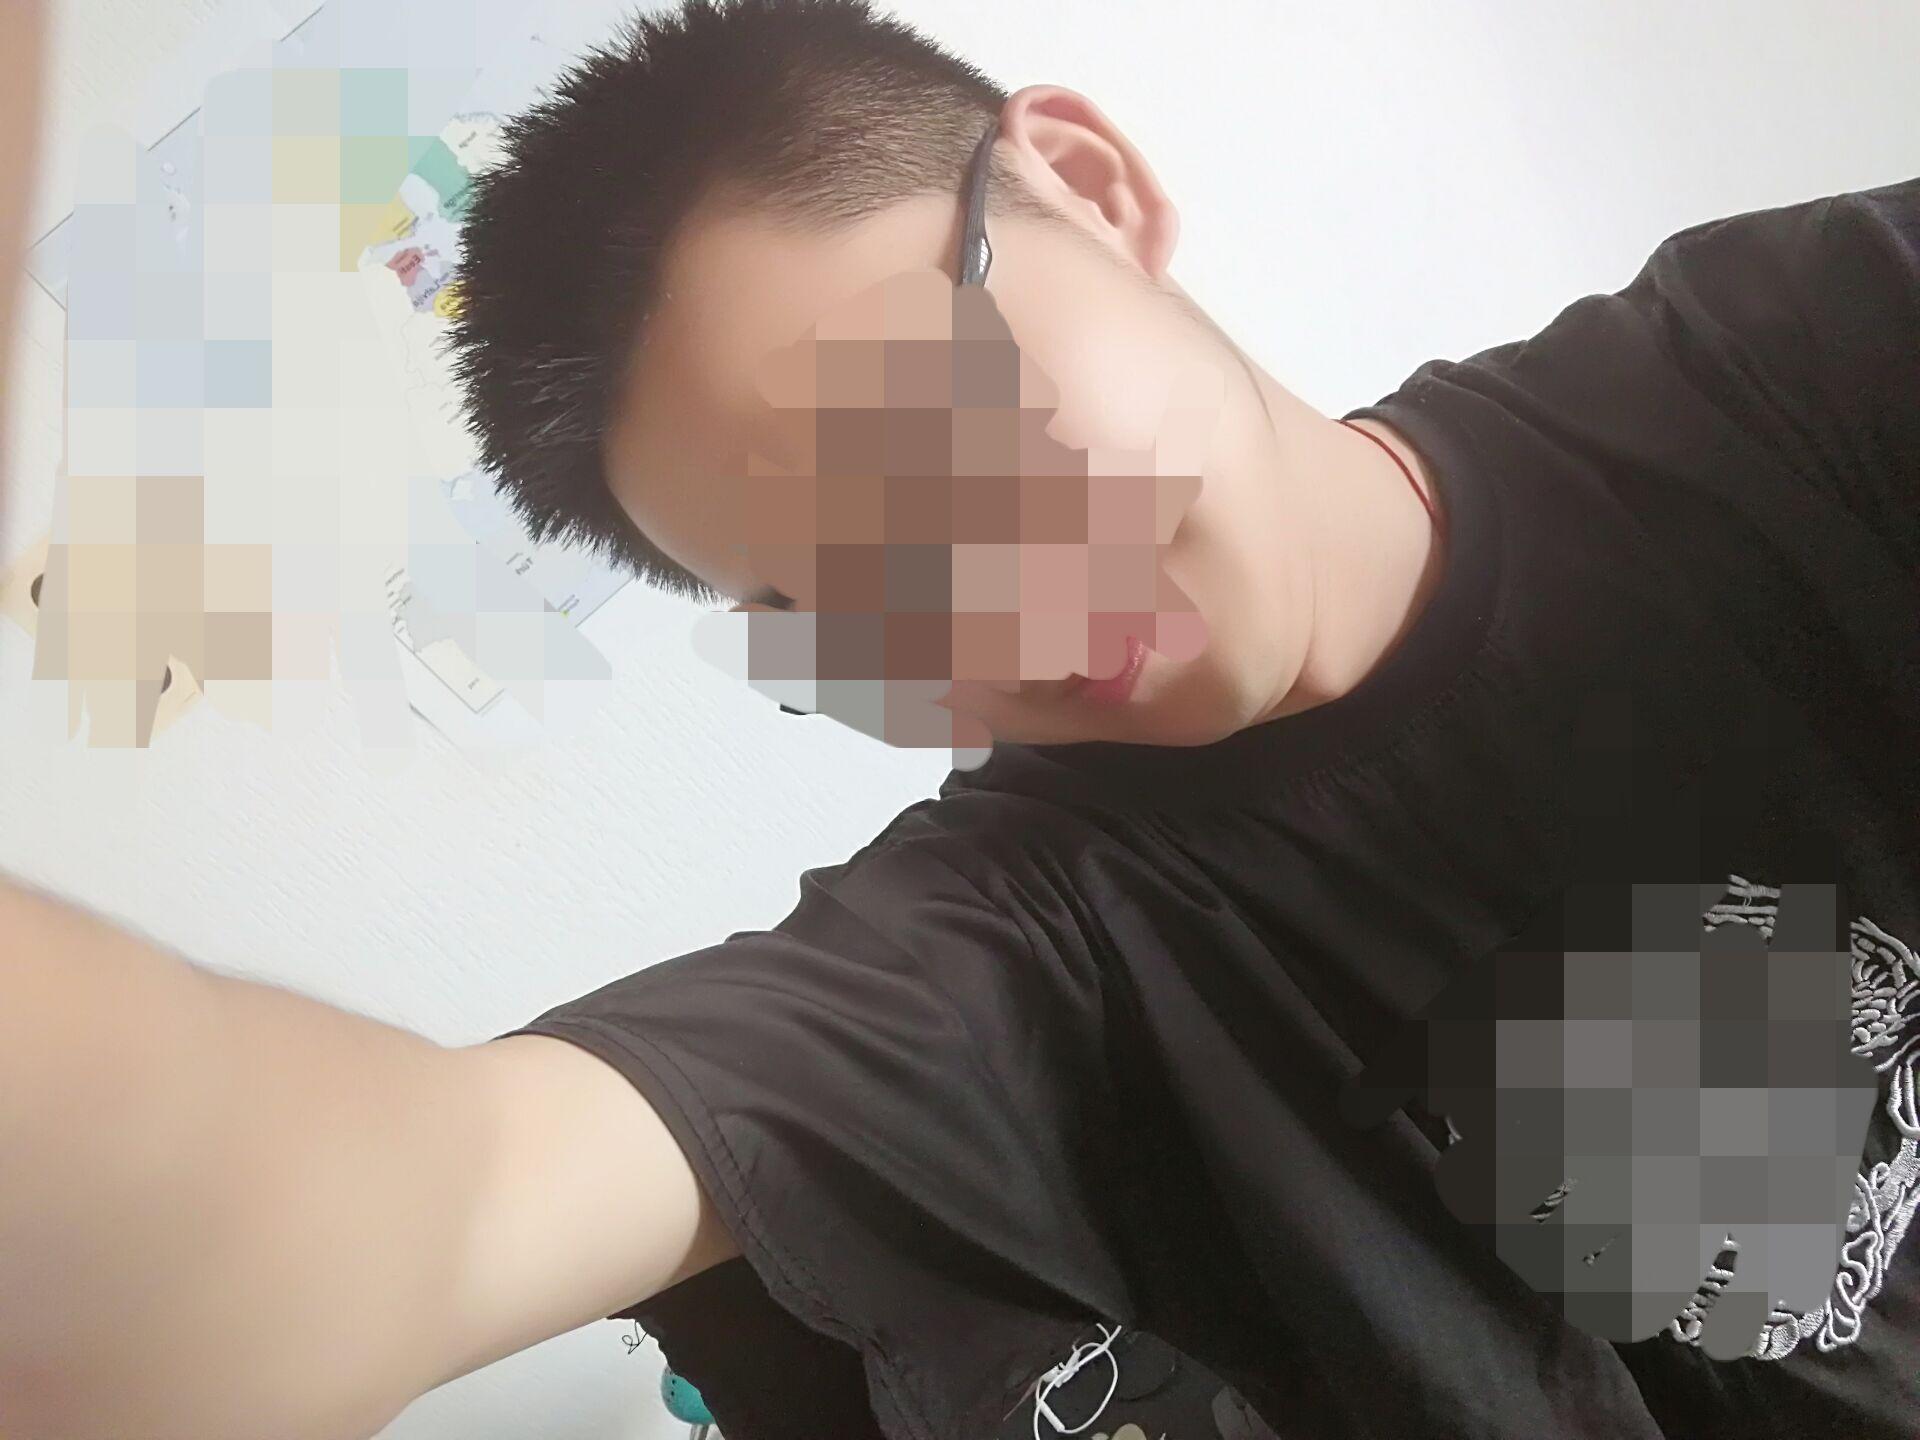 Jeune beau étudiant cherche  partenaire régulière de sexe